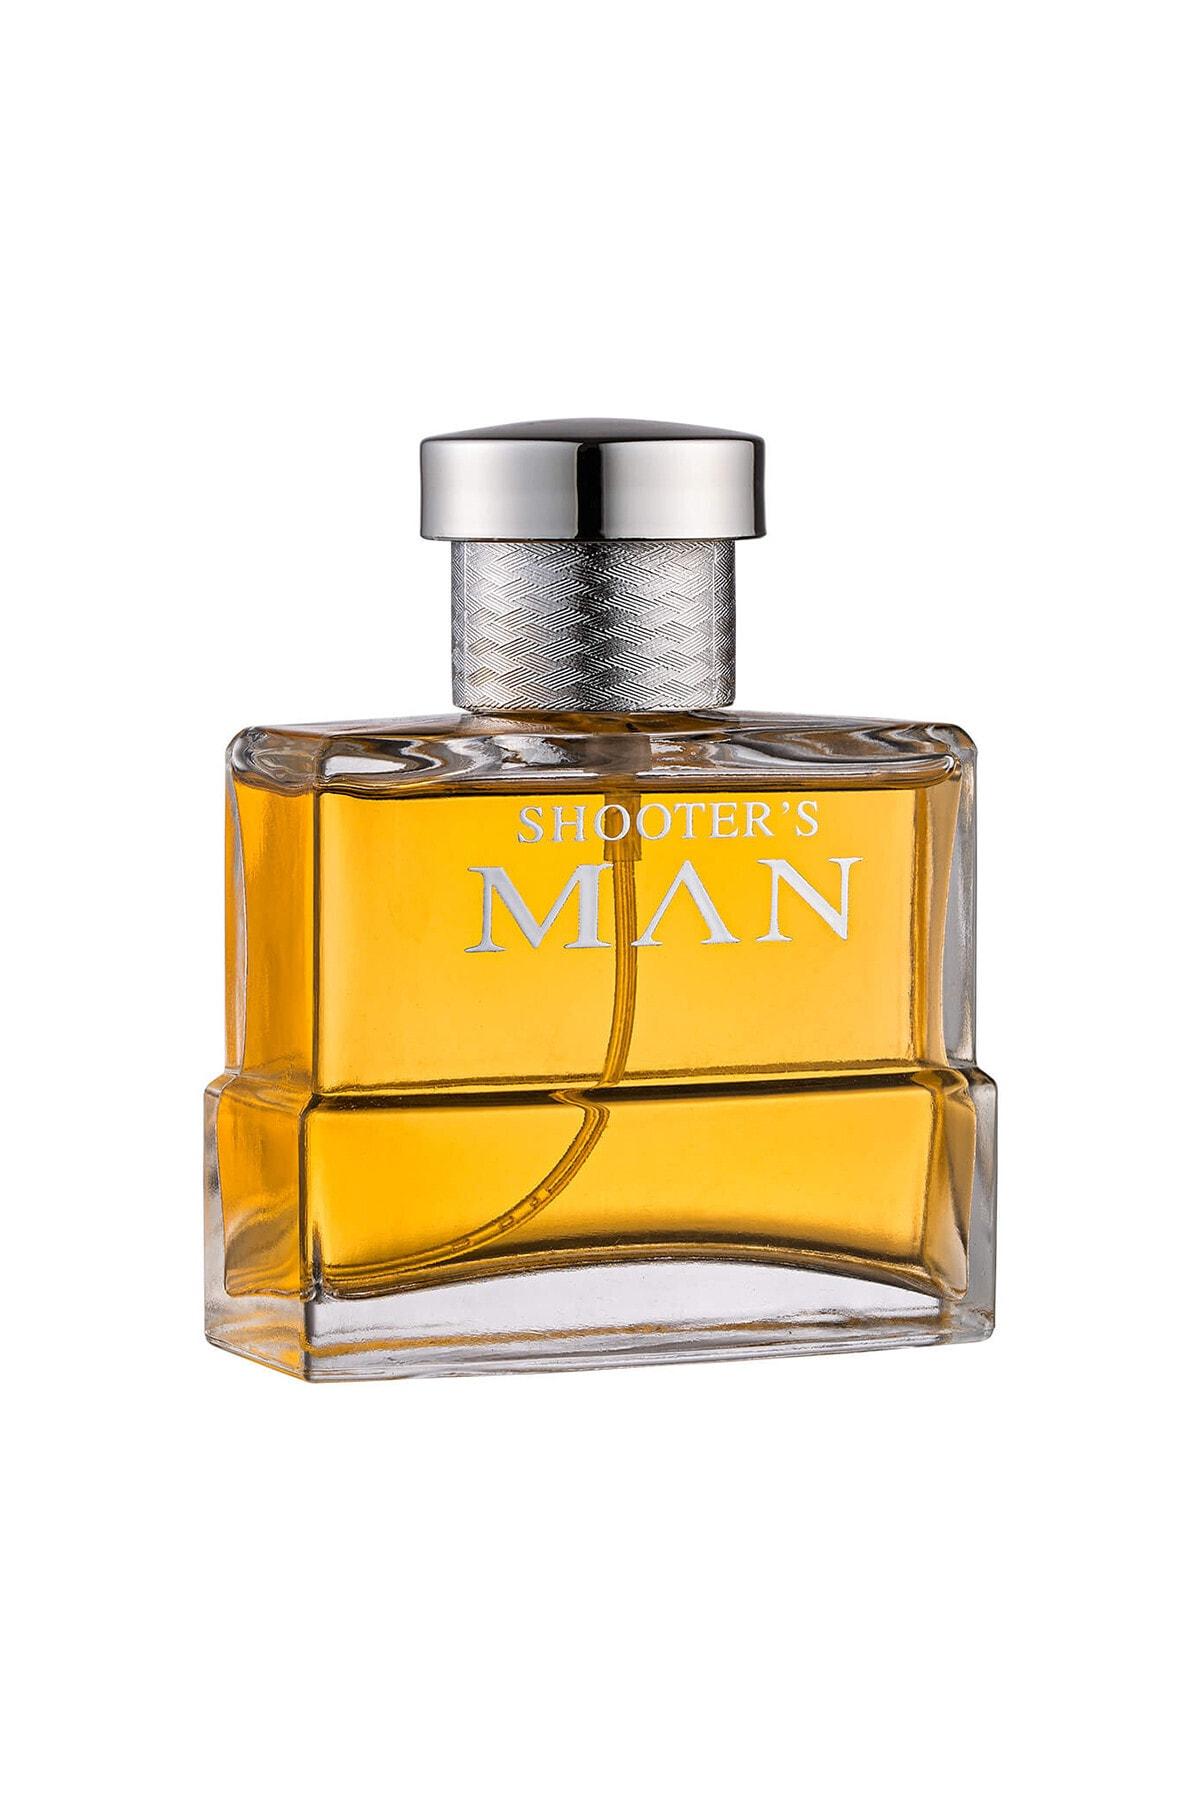 Farmasi Shooter's Man Edp 100 ml Erkek Parfümü 8690131000141 1